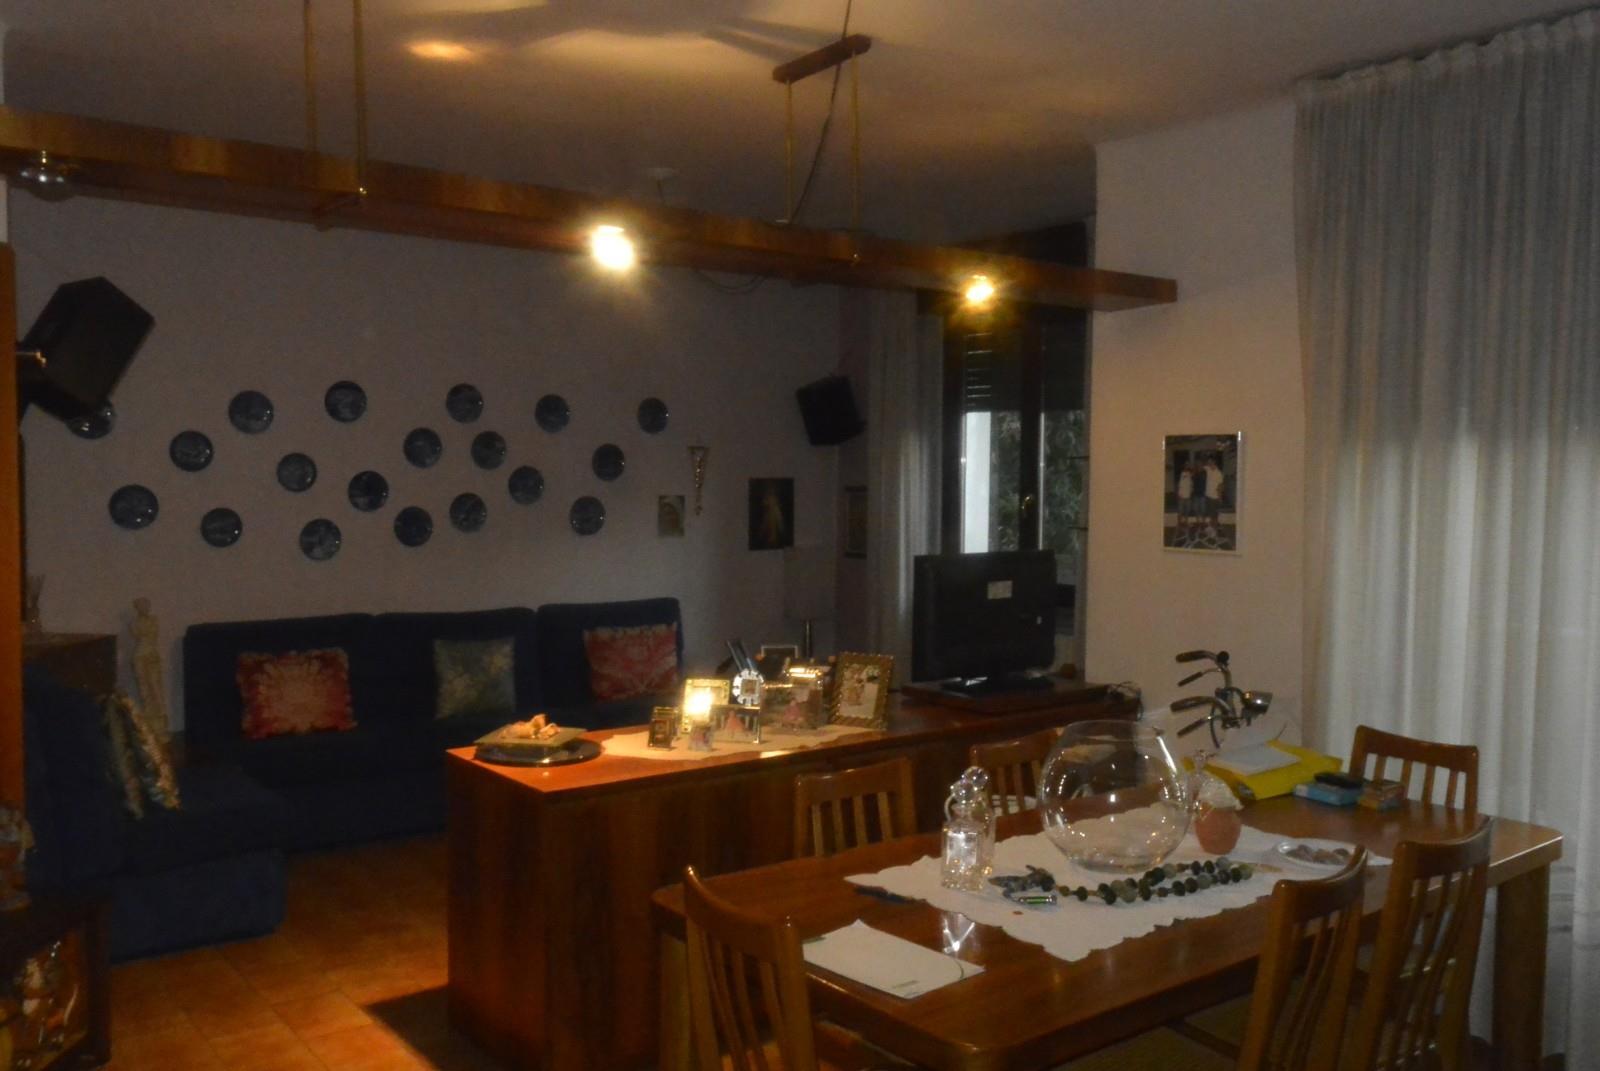 Foto 4 - Appartamento in Vendita - Meda (Monza e Brianza)